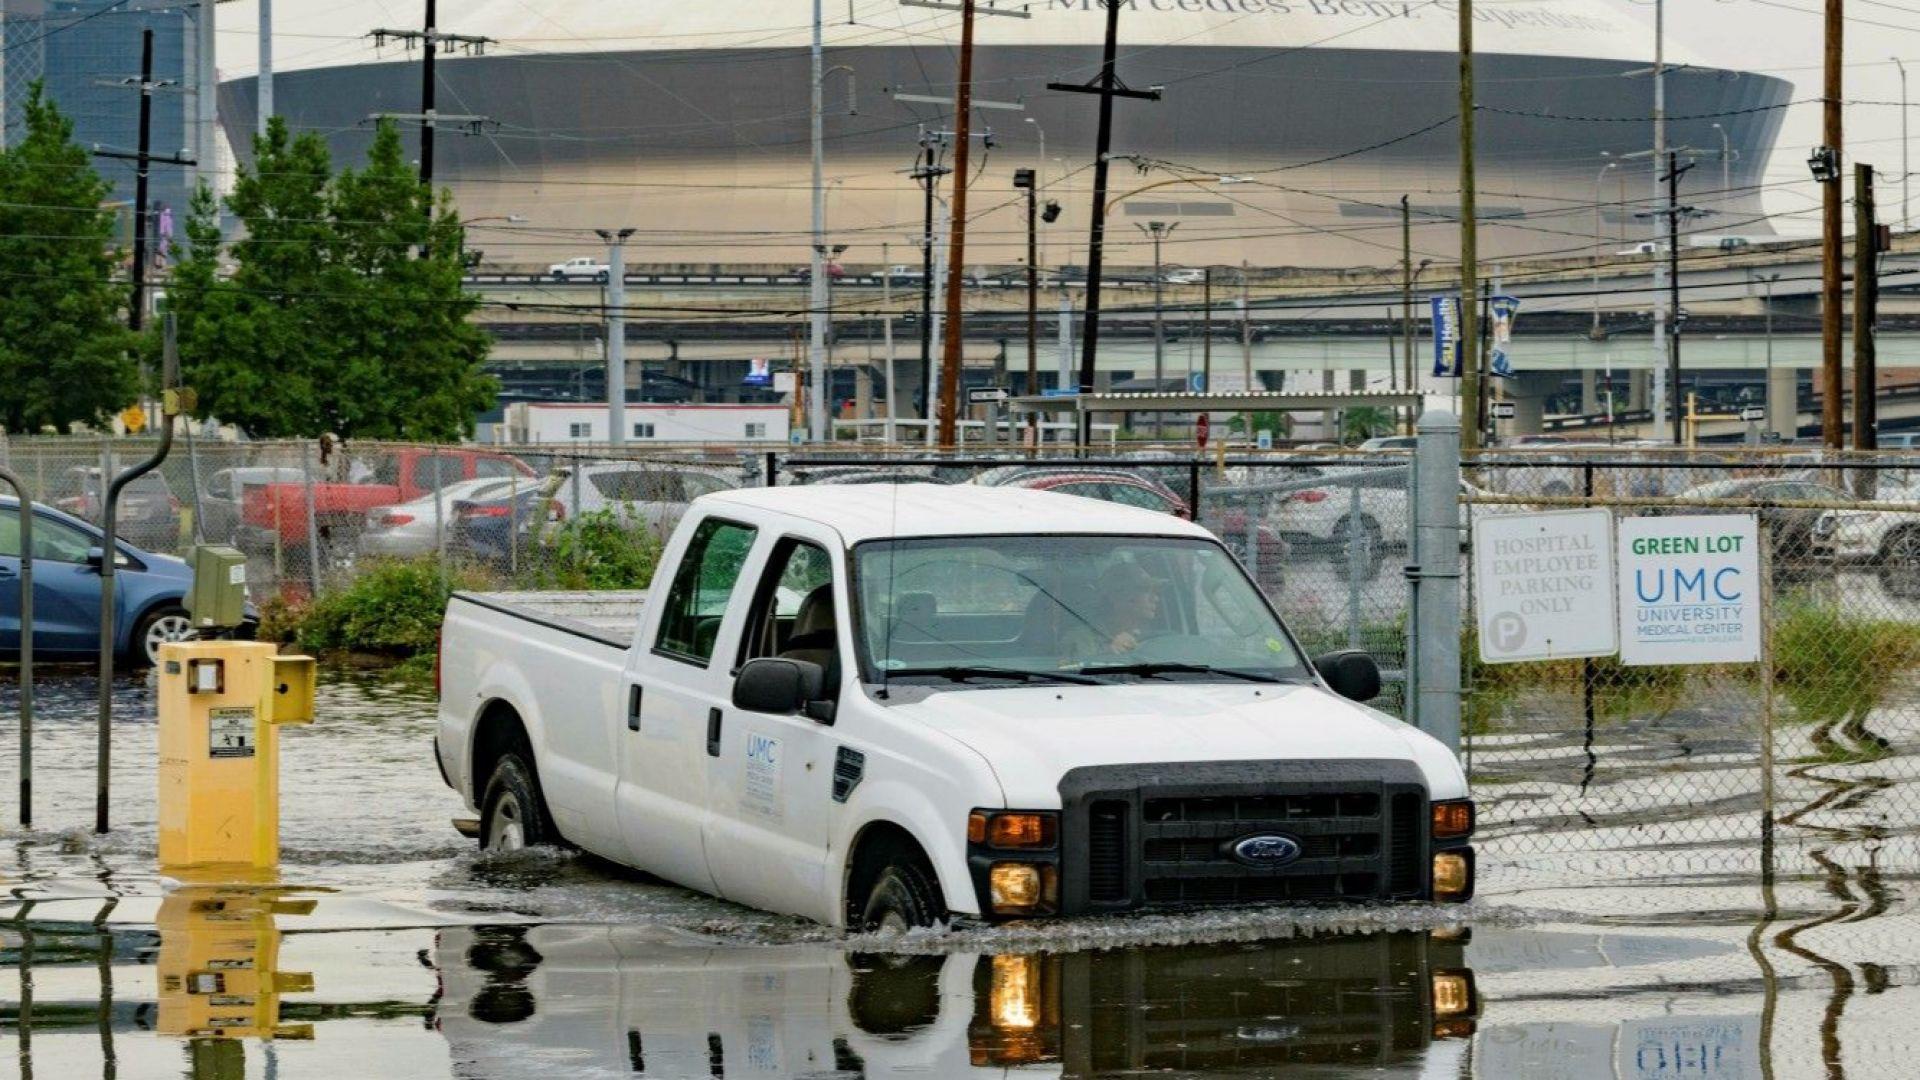 Проливни валежи наводниха улиците на Ню Орлиънс, очаква се буря